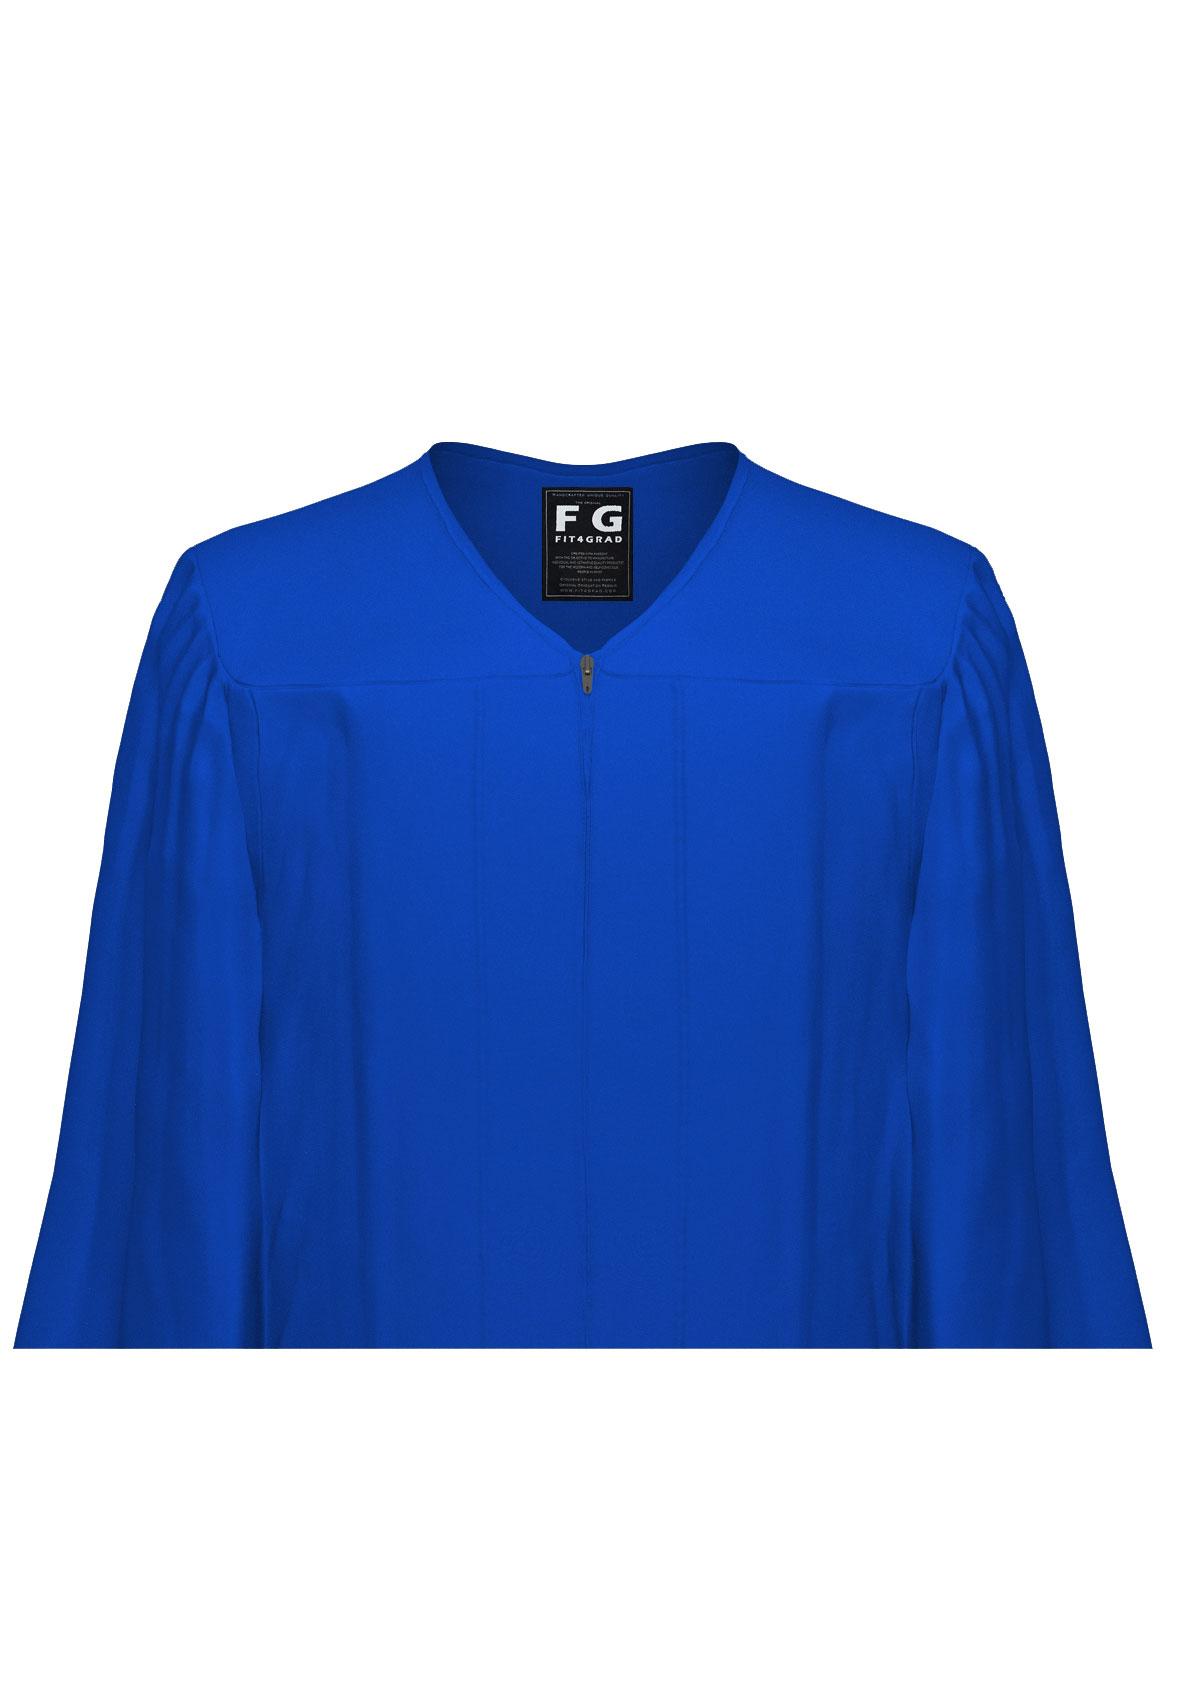 MATTE ROYAL BLUE CAP   GOWN BACHELOR GRADUATION SET-rs4251465601165 4cc91595fef5